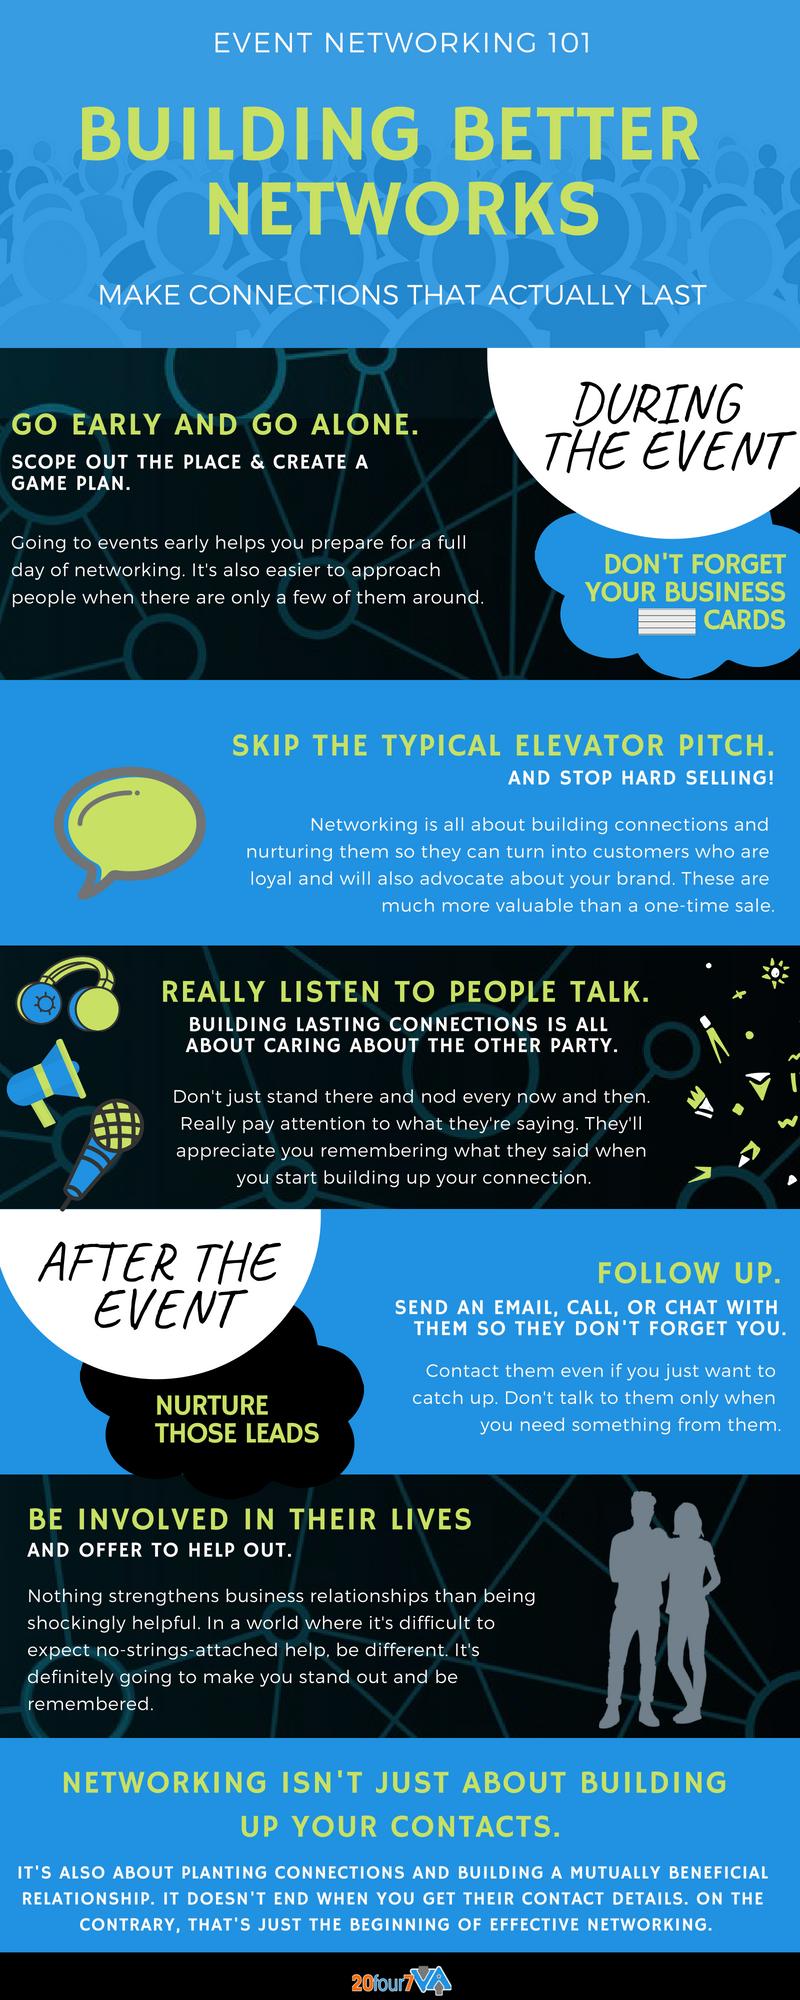 Networking 101 Infographic | 20Four7VA.com